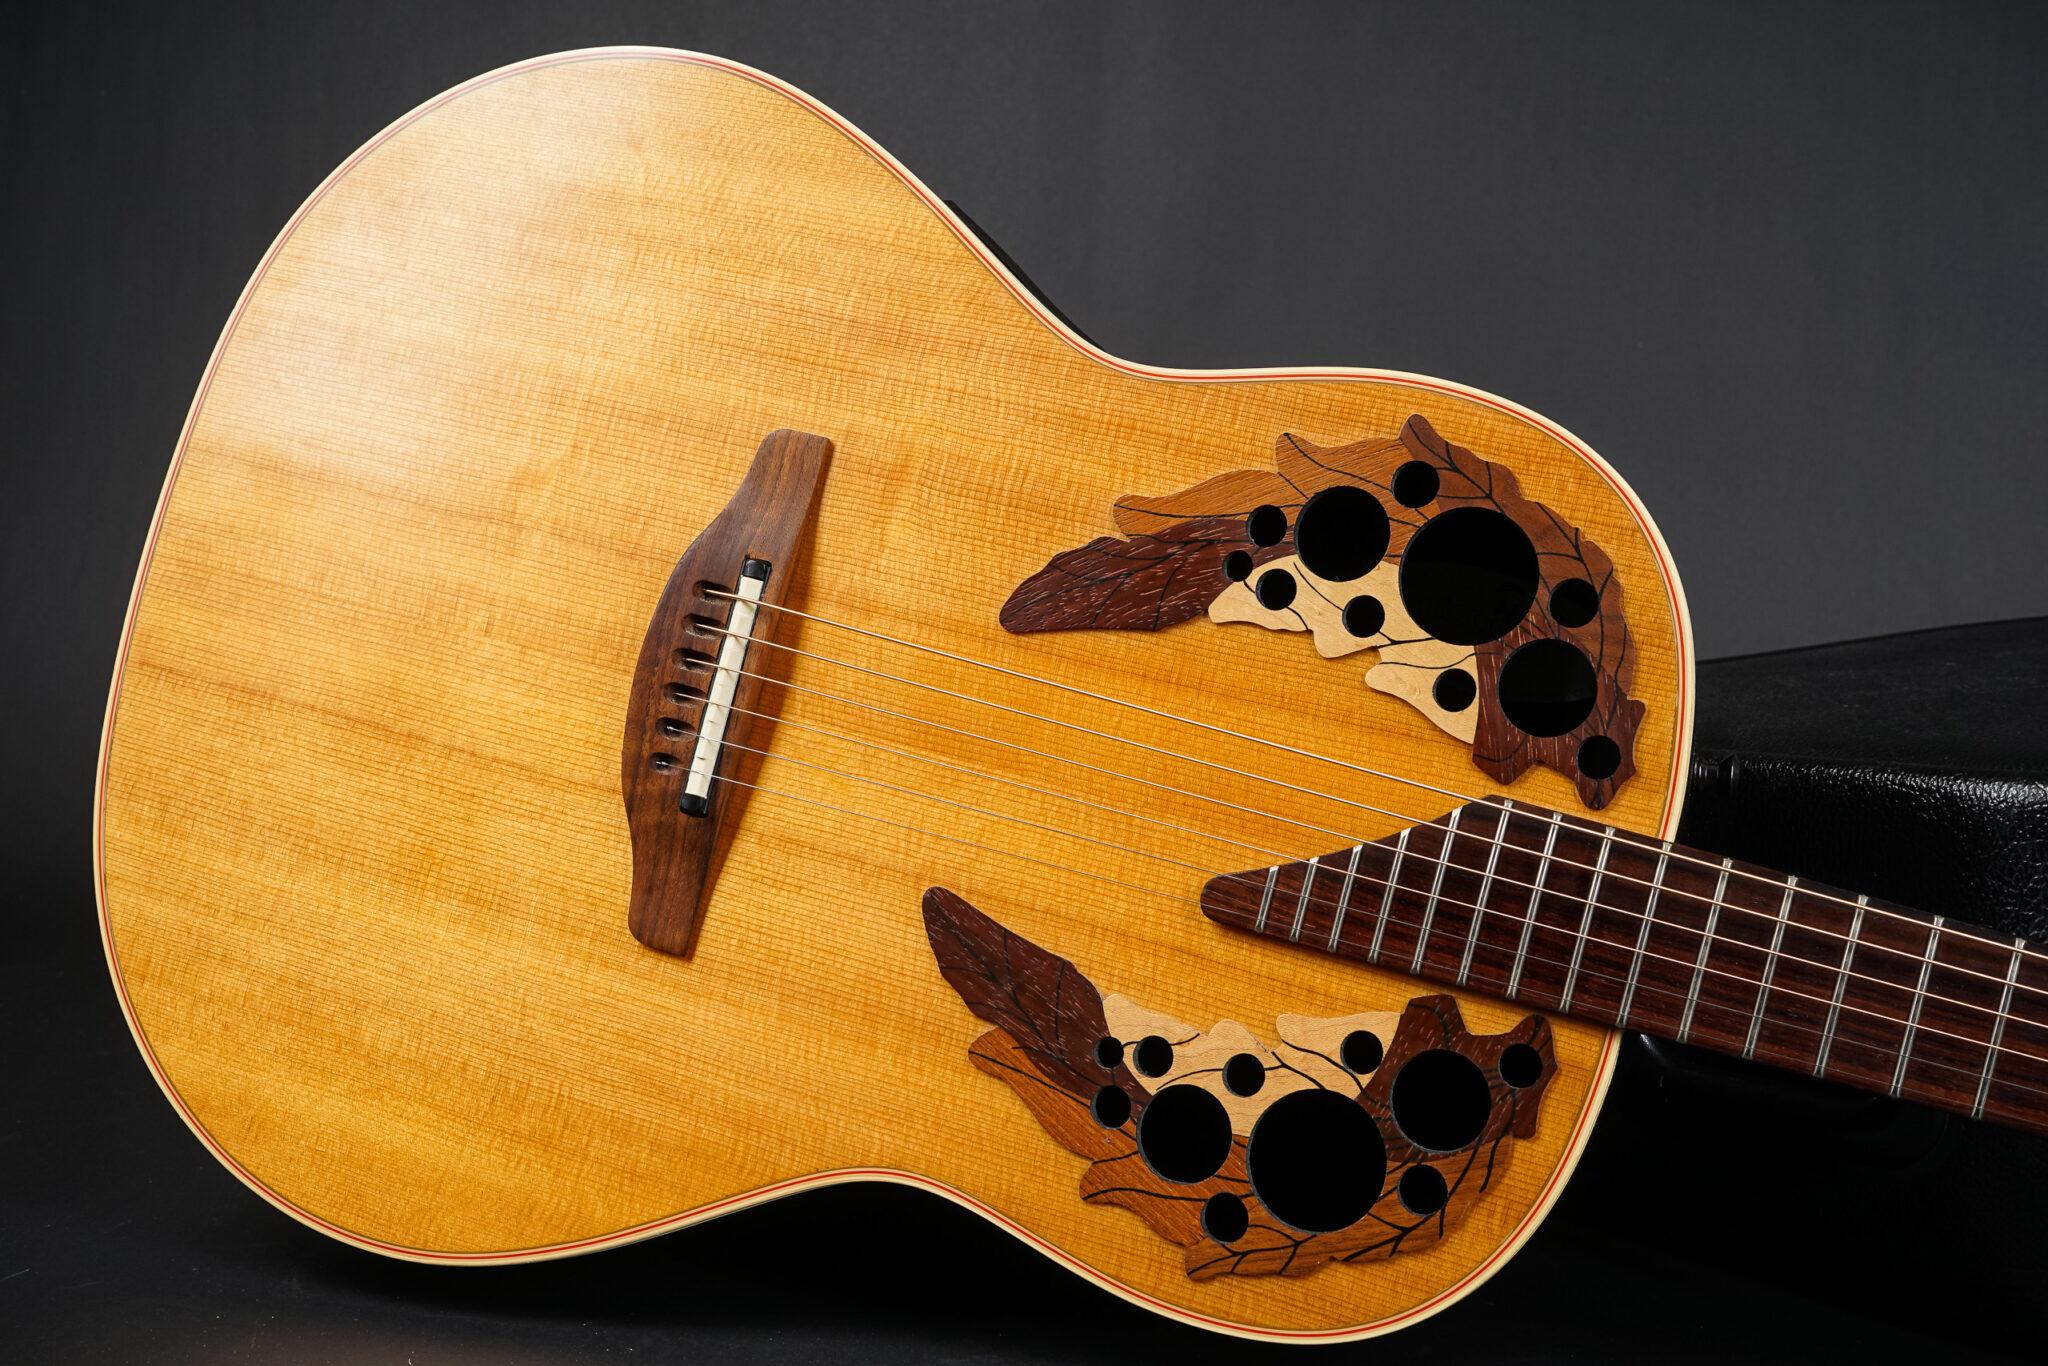 https://guitarpoint.de/app/uploads/products/1998-ovation-elite-standard-6718-natural/1998-Ovation-Elite-Standard-6718-529745-8-2048x1366.jpg